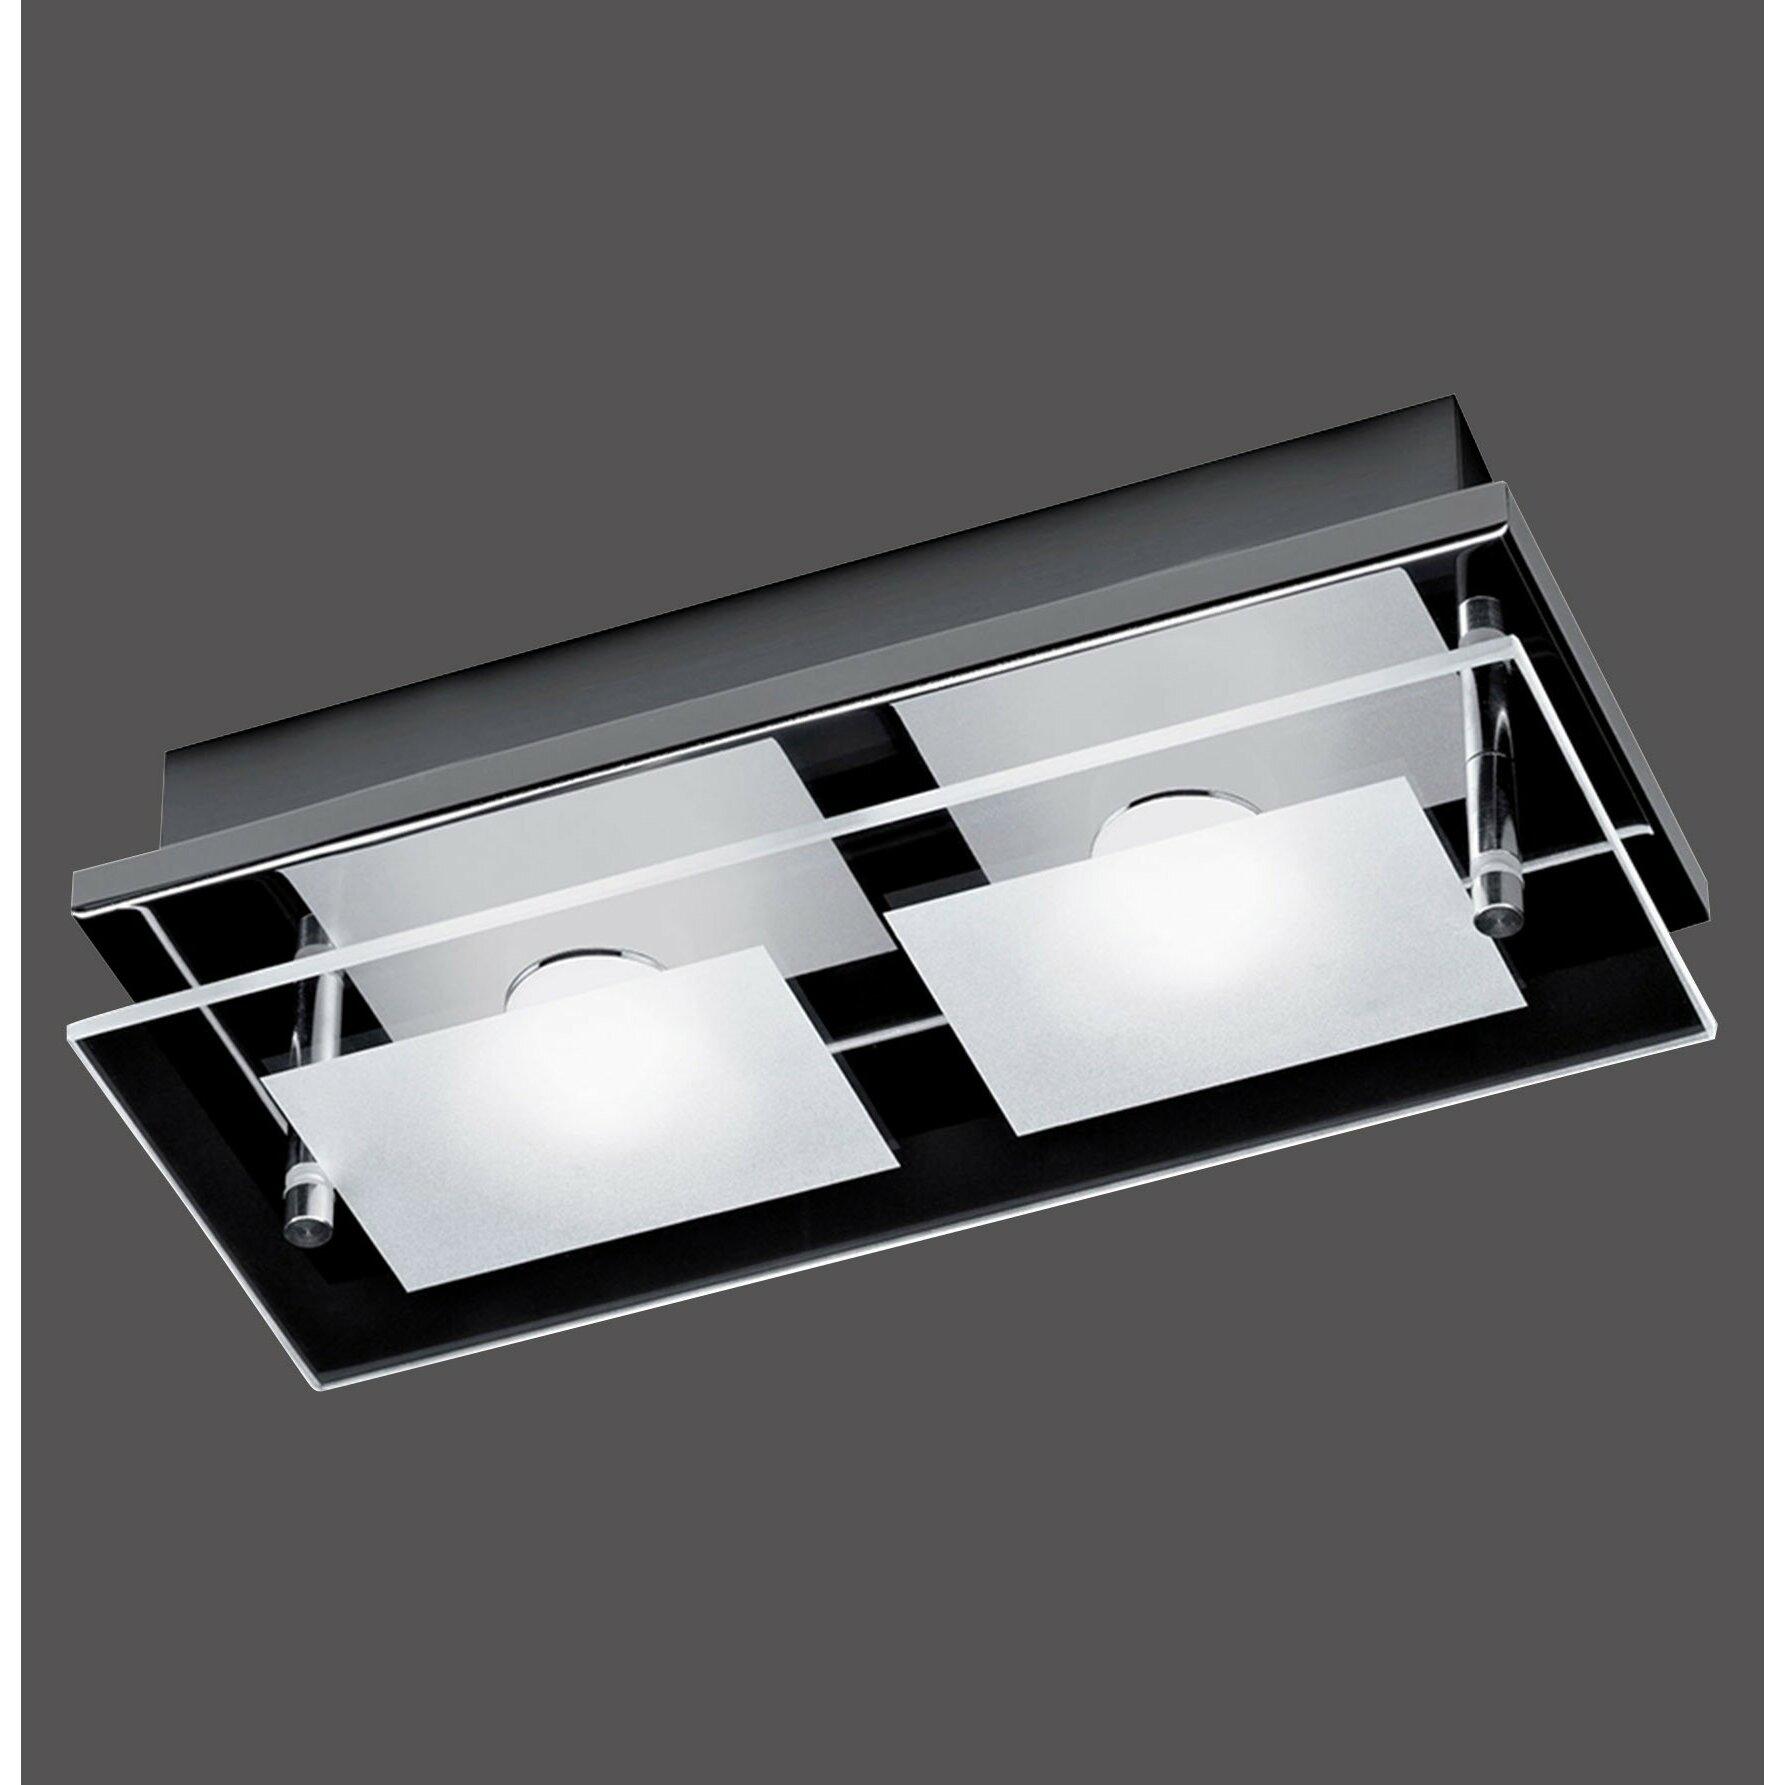 paul neuhaus deckenleuchte 2 flammig chiron von manufacturer. Black Bedroom Furniture Sets. Home Design Ideas